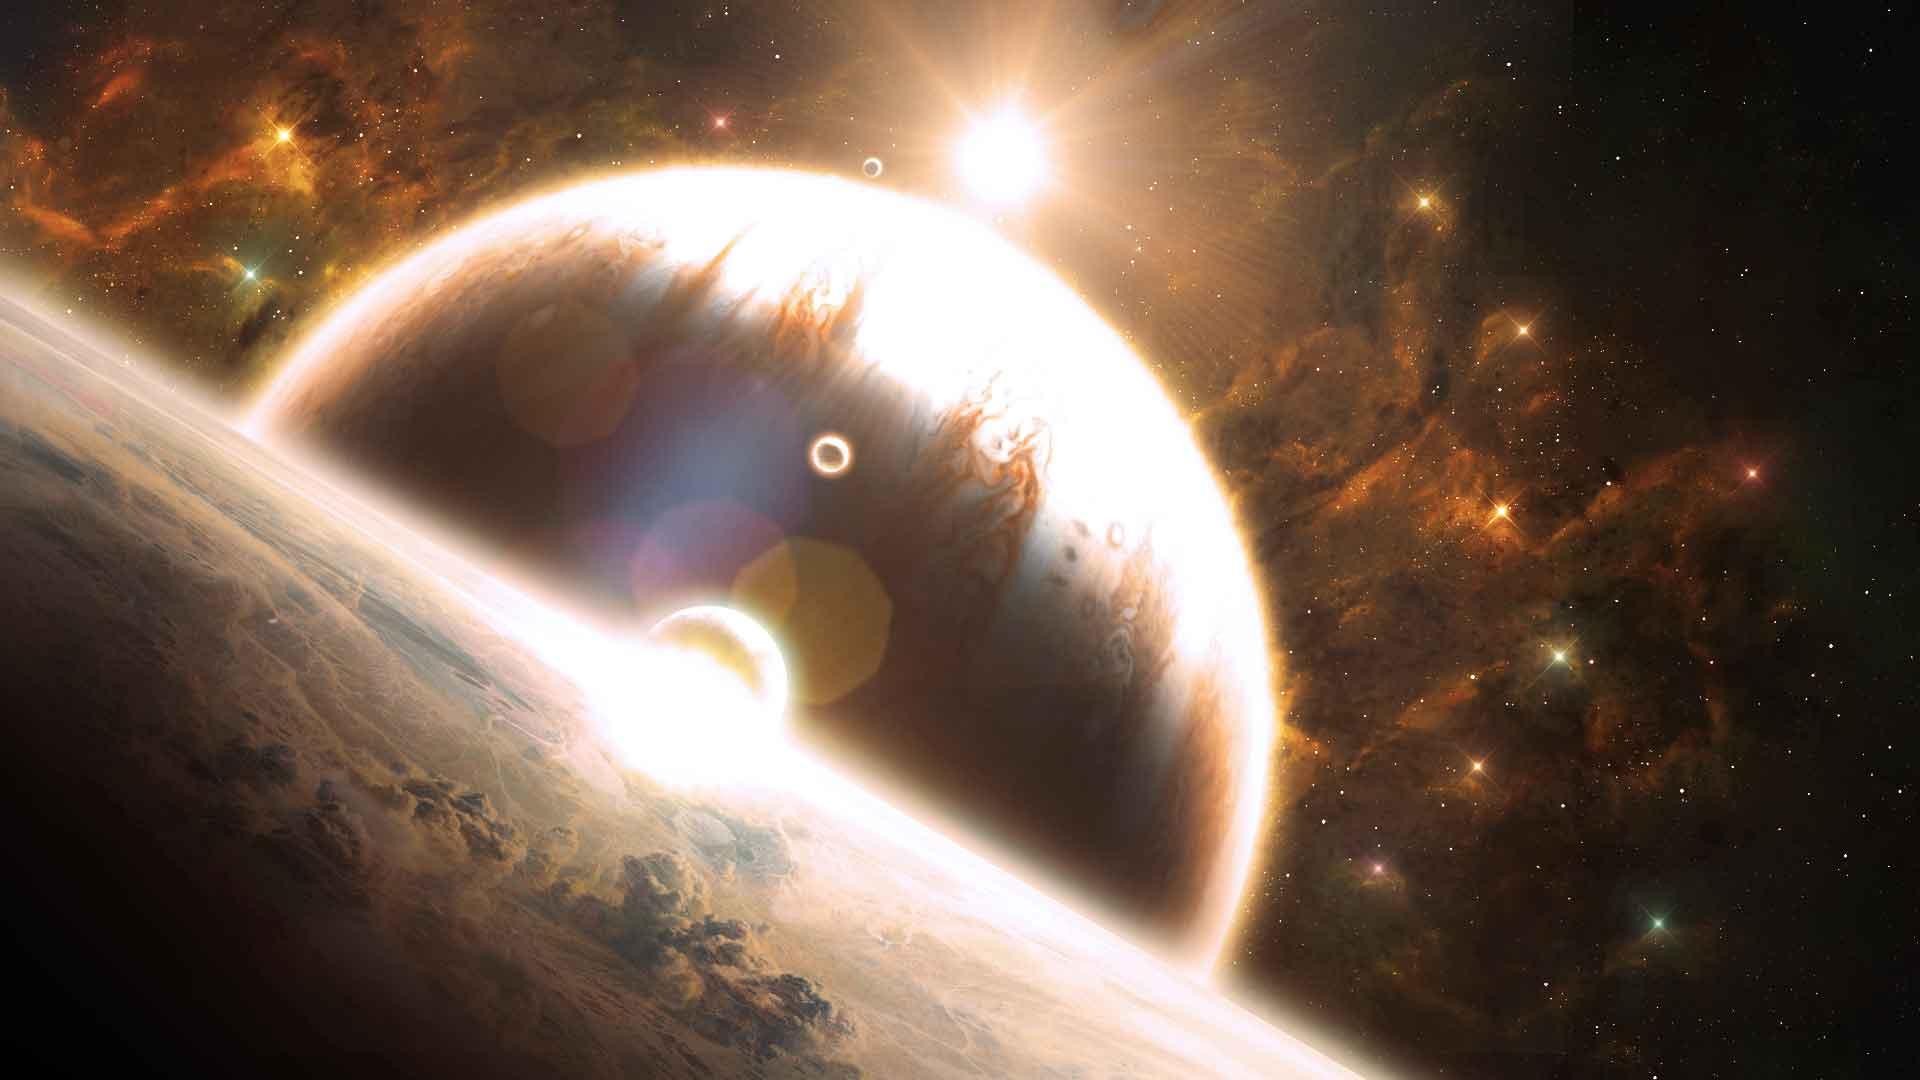 La increíble y misteriosa explosión espacial que ha impactado a los científicos